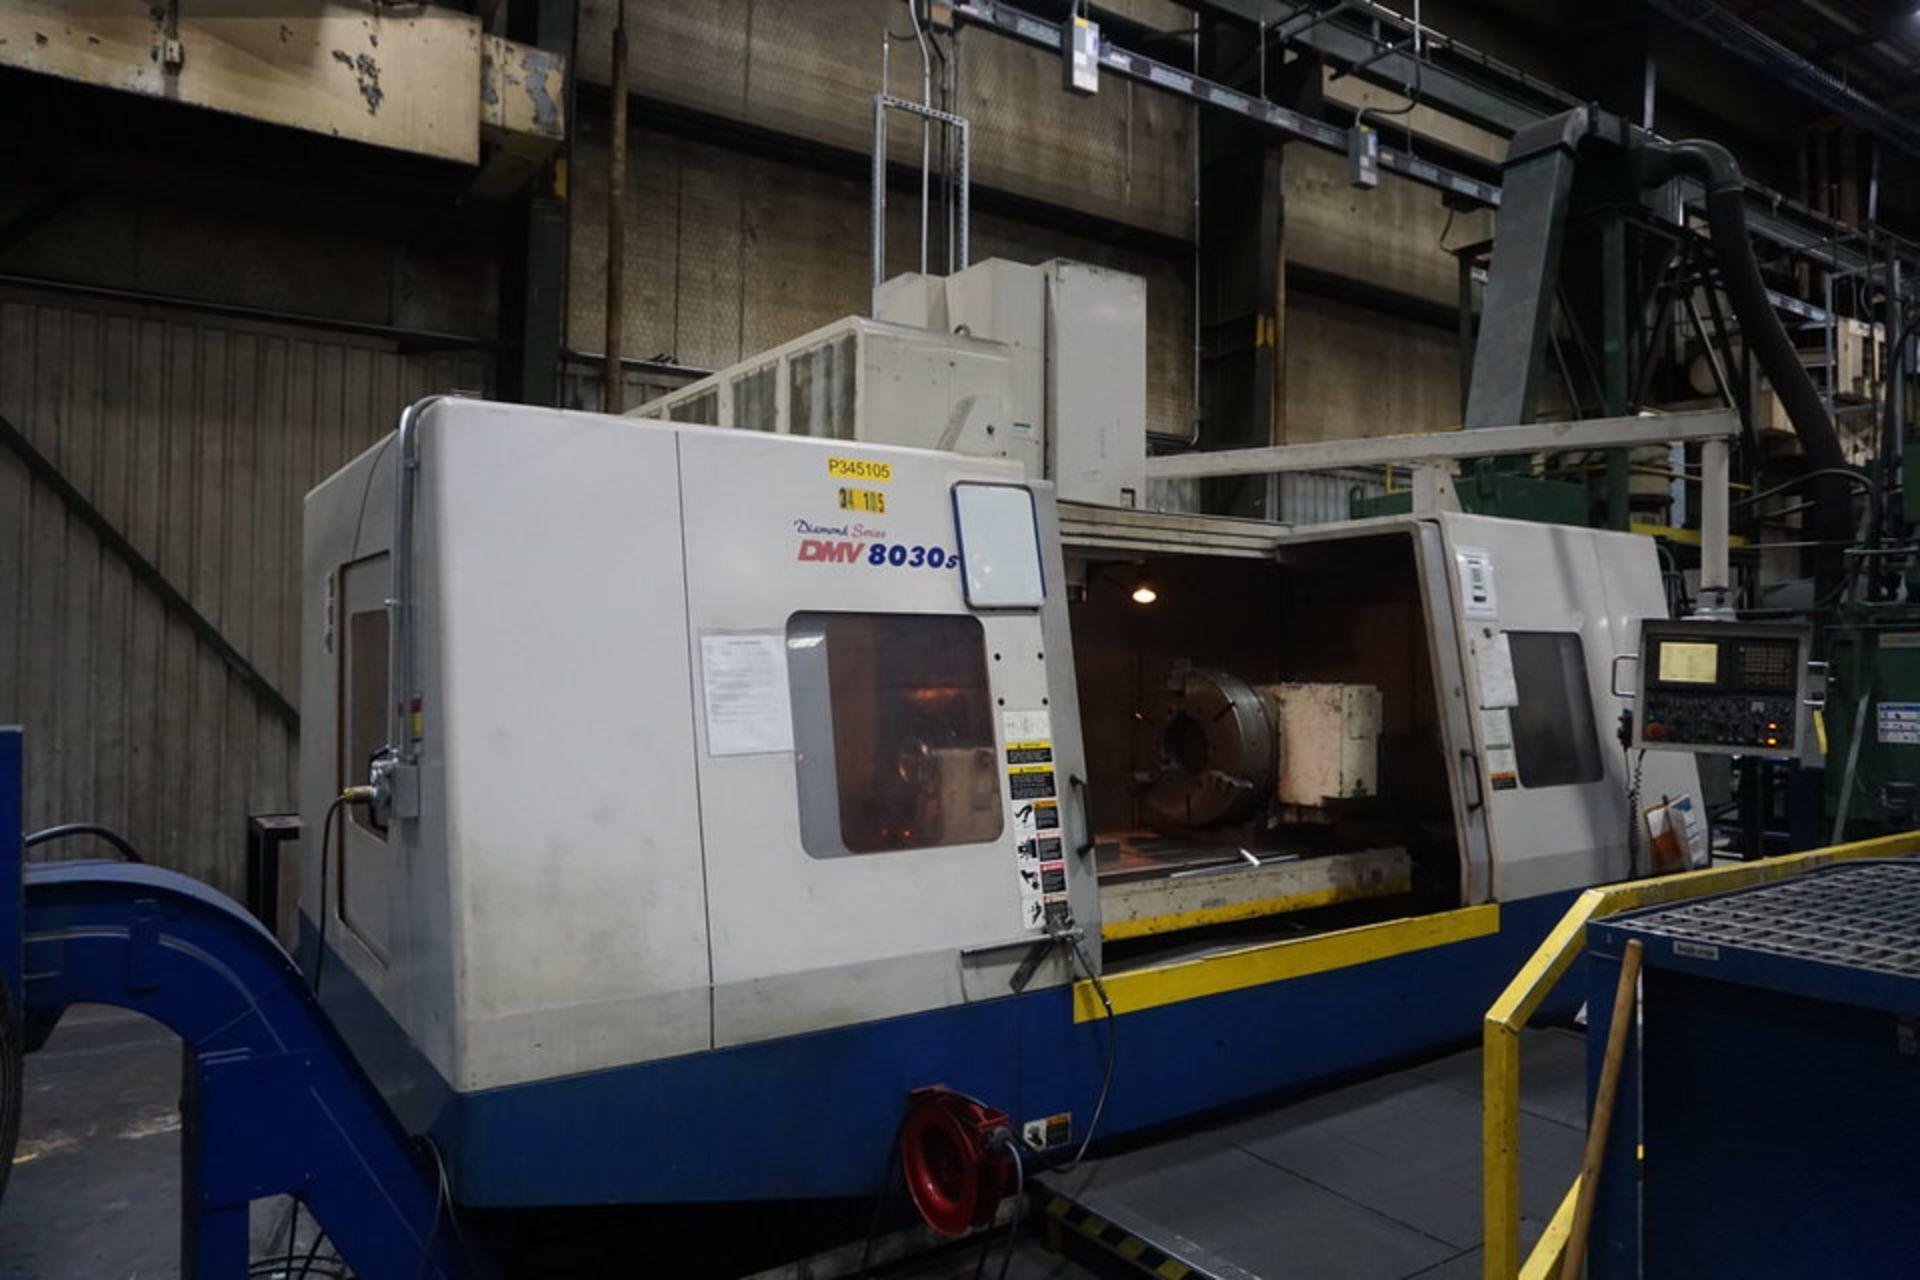 DAEWOO DMV8030S VERTICAL MACHINING CENTER (ASST#:P345105)